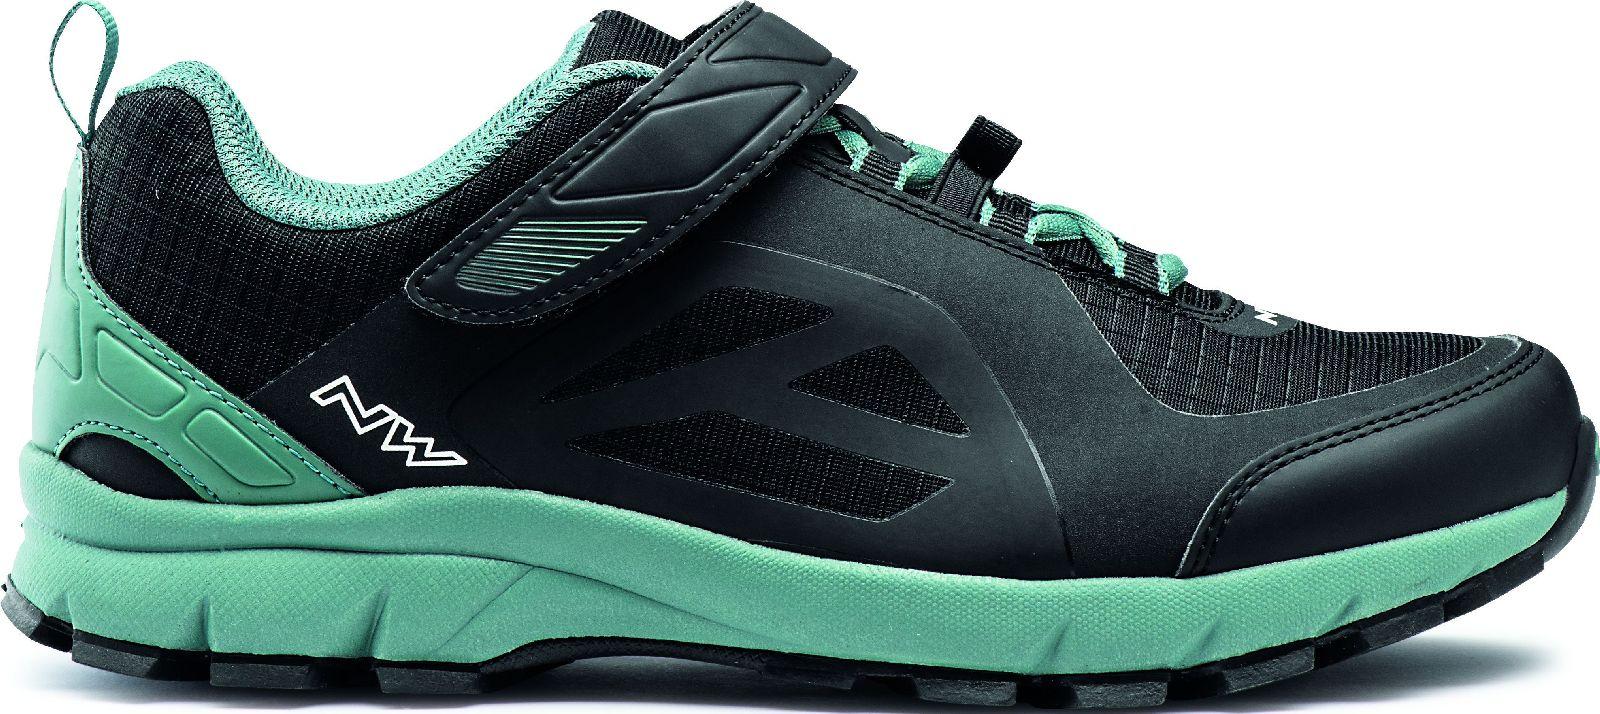 Northwave Escape Evo - black/colorado green 40